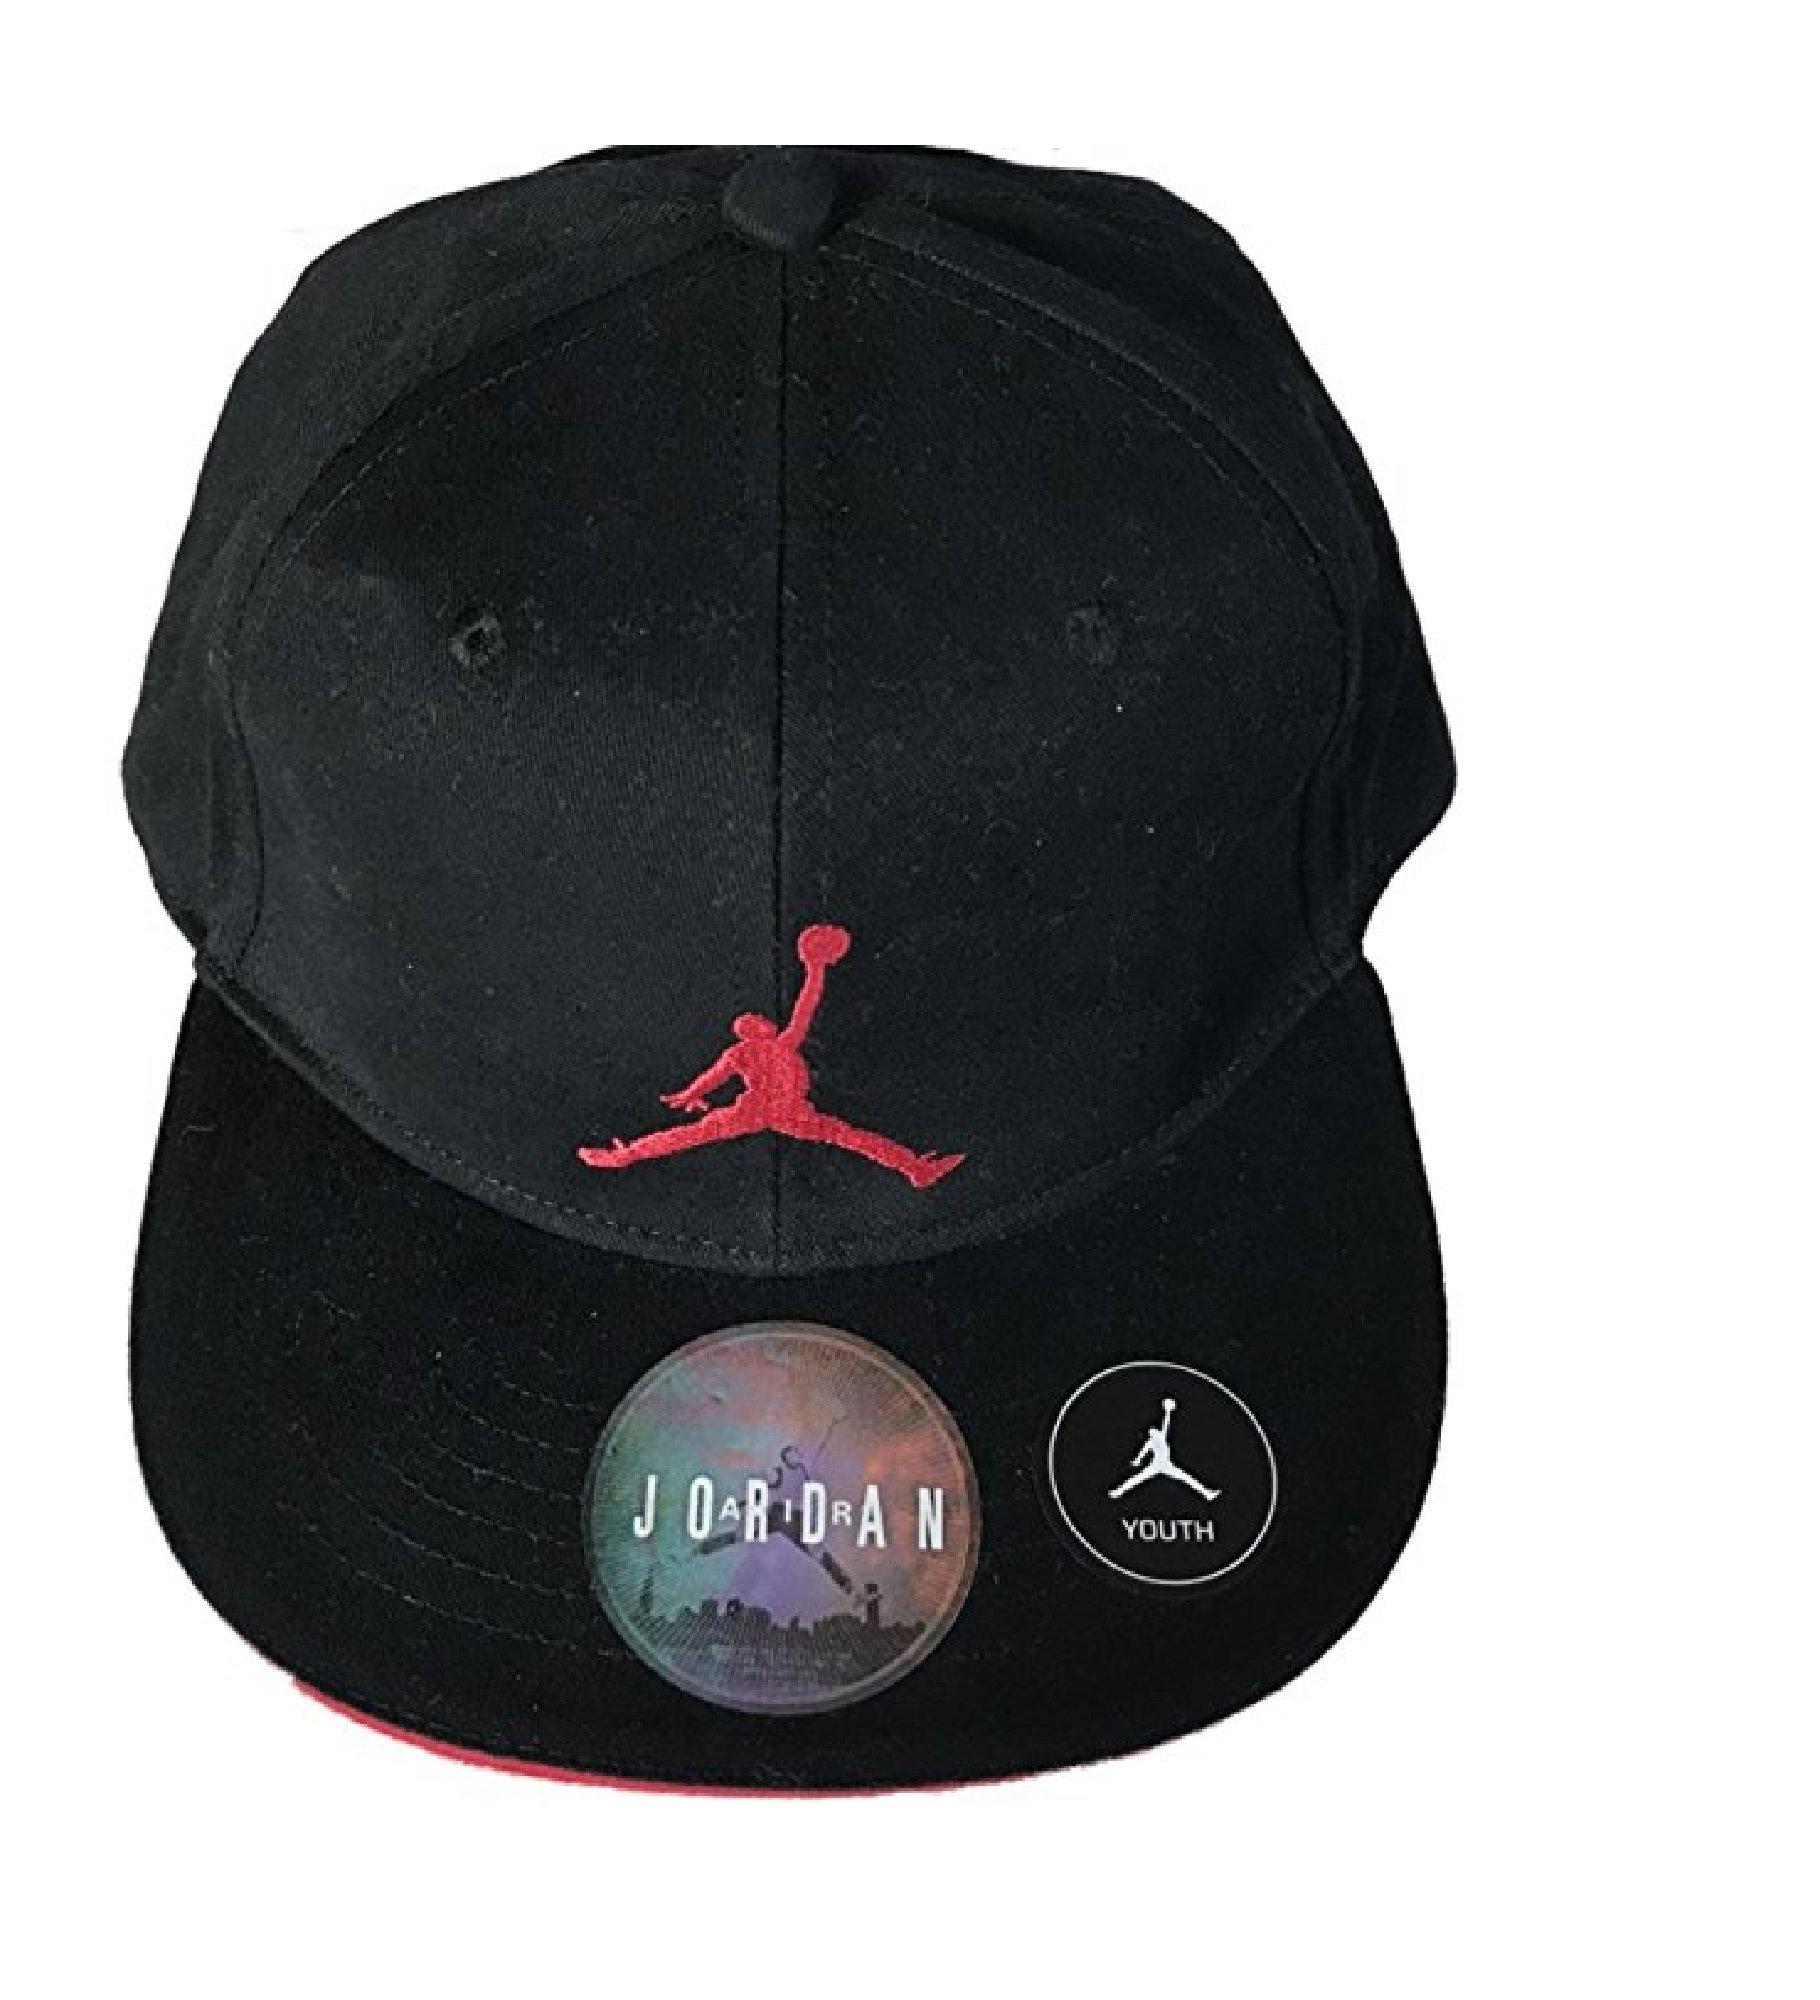 Nike Air Jordan True Snapback Cap, Sz 8/20 by NIKE